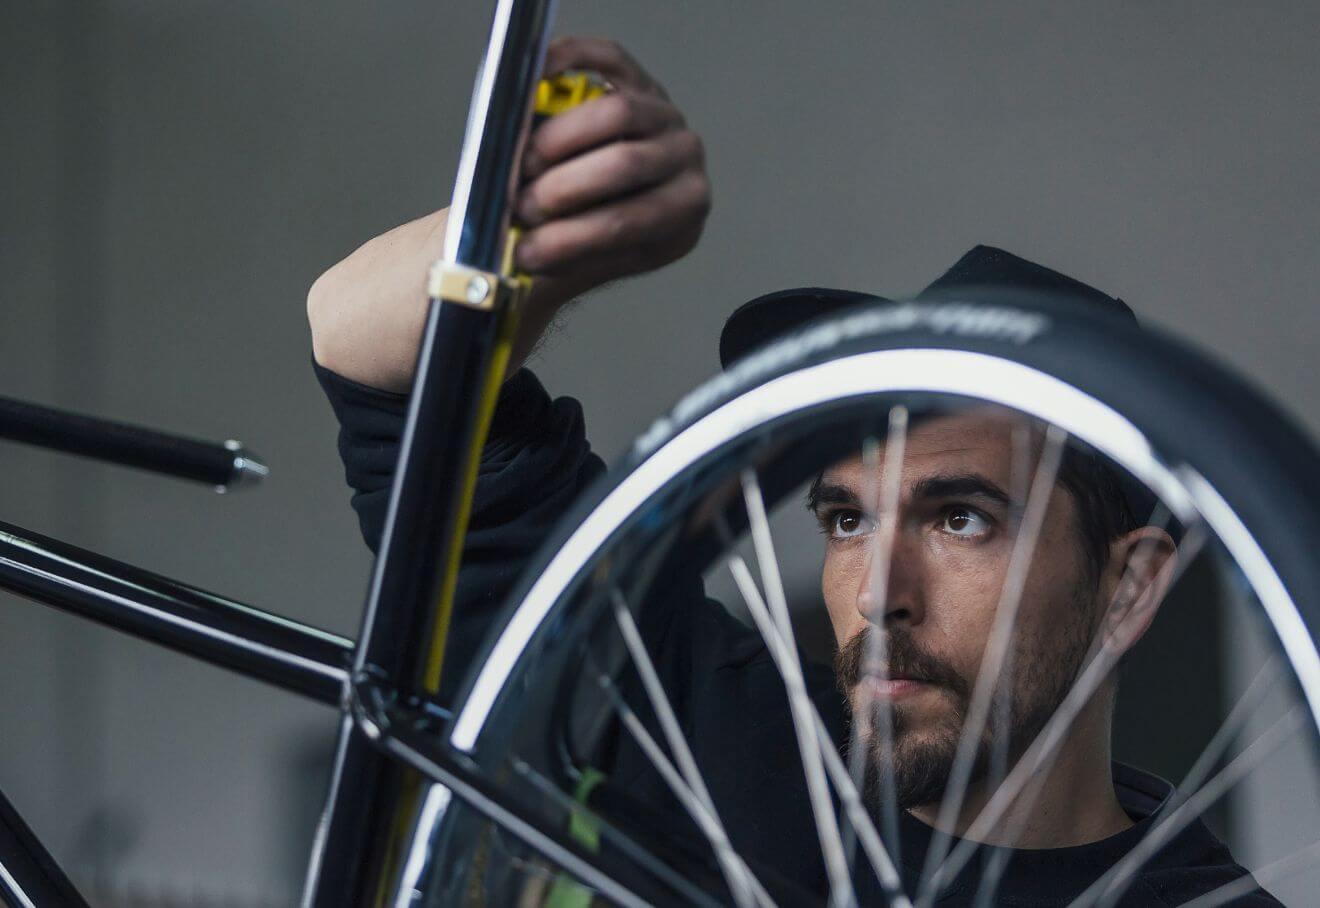 Medir cuadro de bicicleta